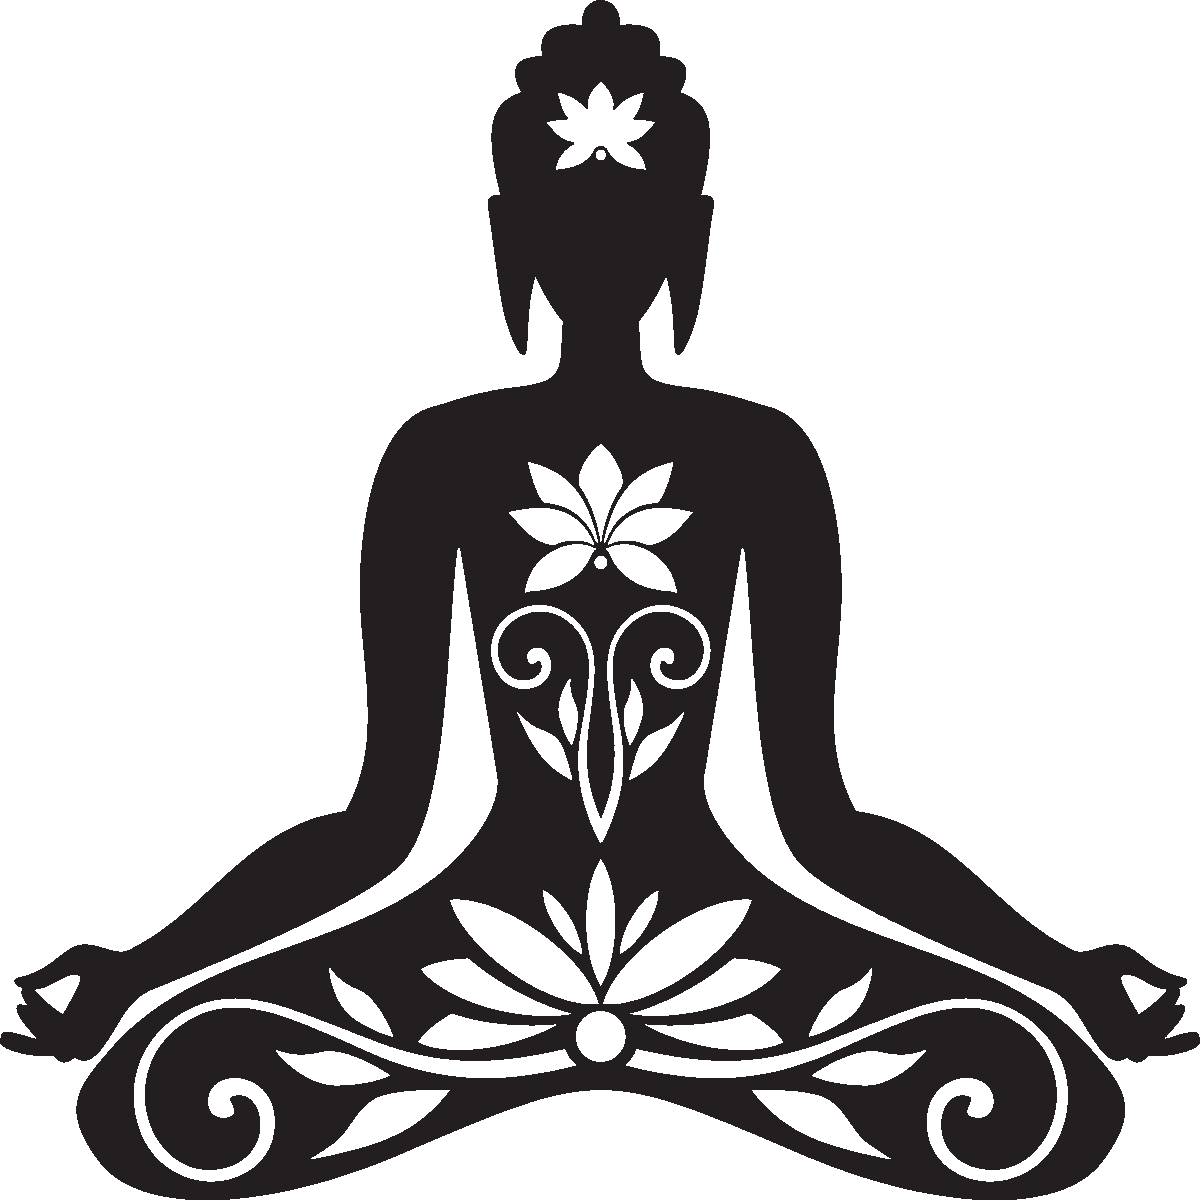 рисунок йога на белом фоне стиля цвета что